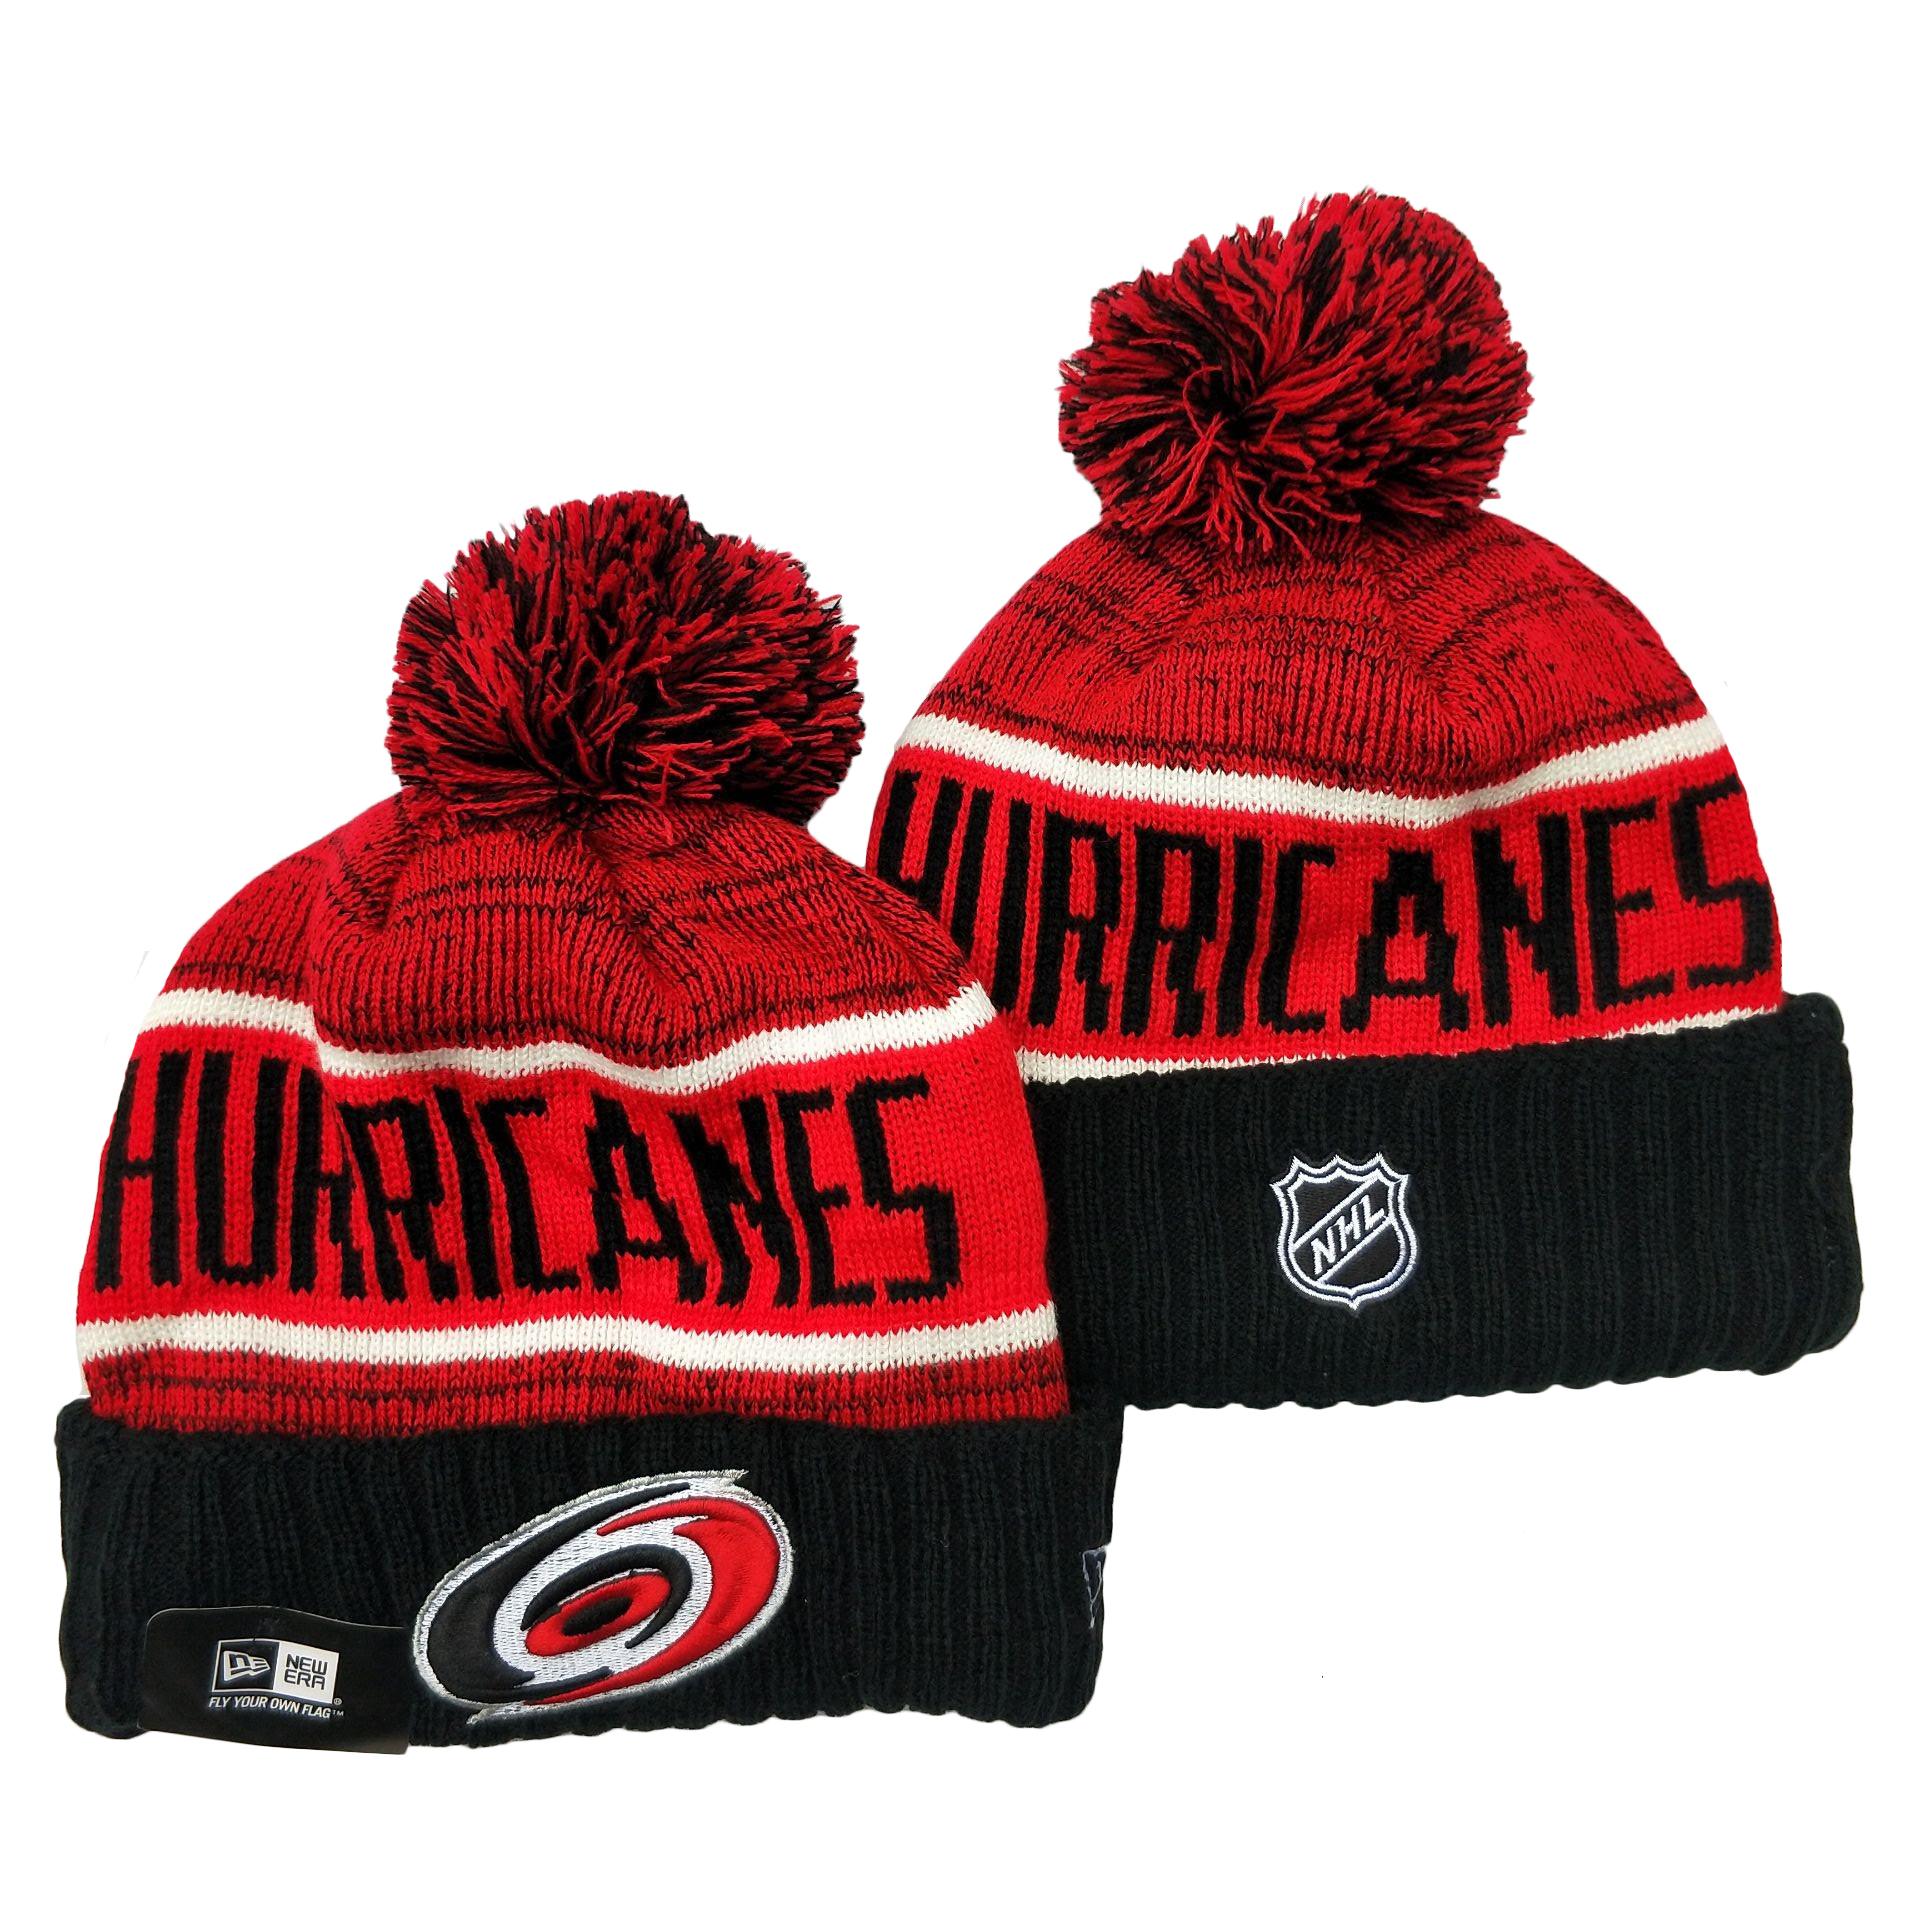 Hurricanes Team Logo Red Black Pom Cuffed Knit Hat YD